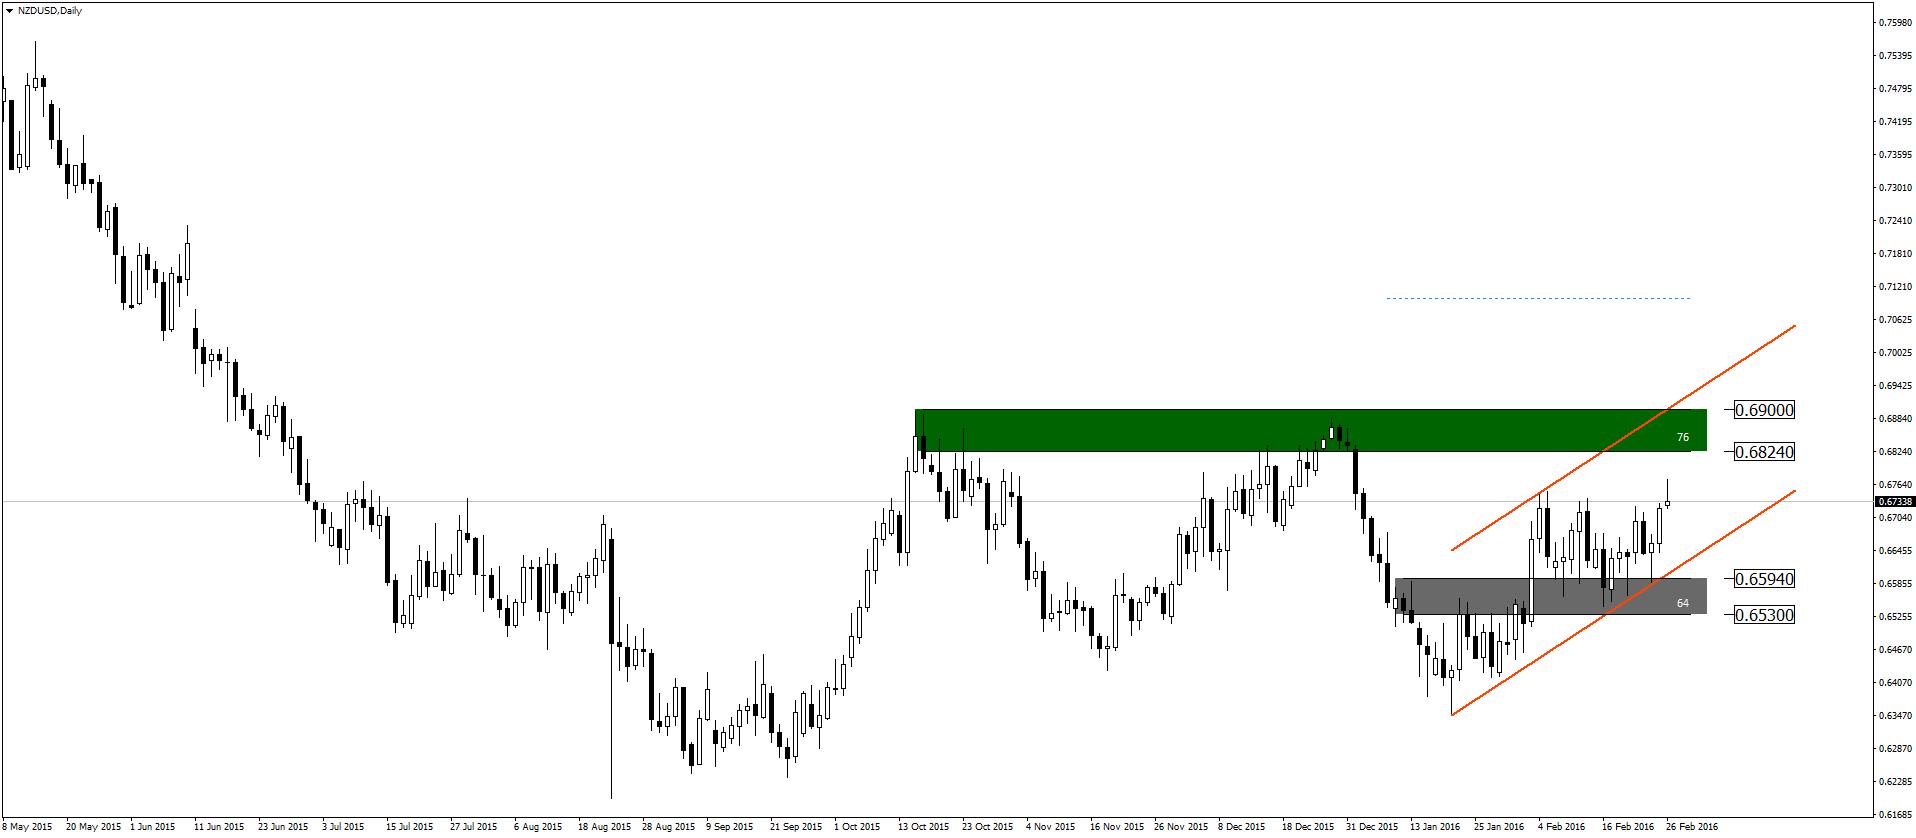 nzdusd-d1-admiral-markets-as